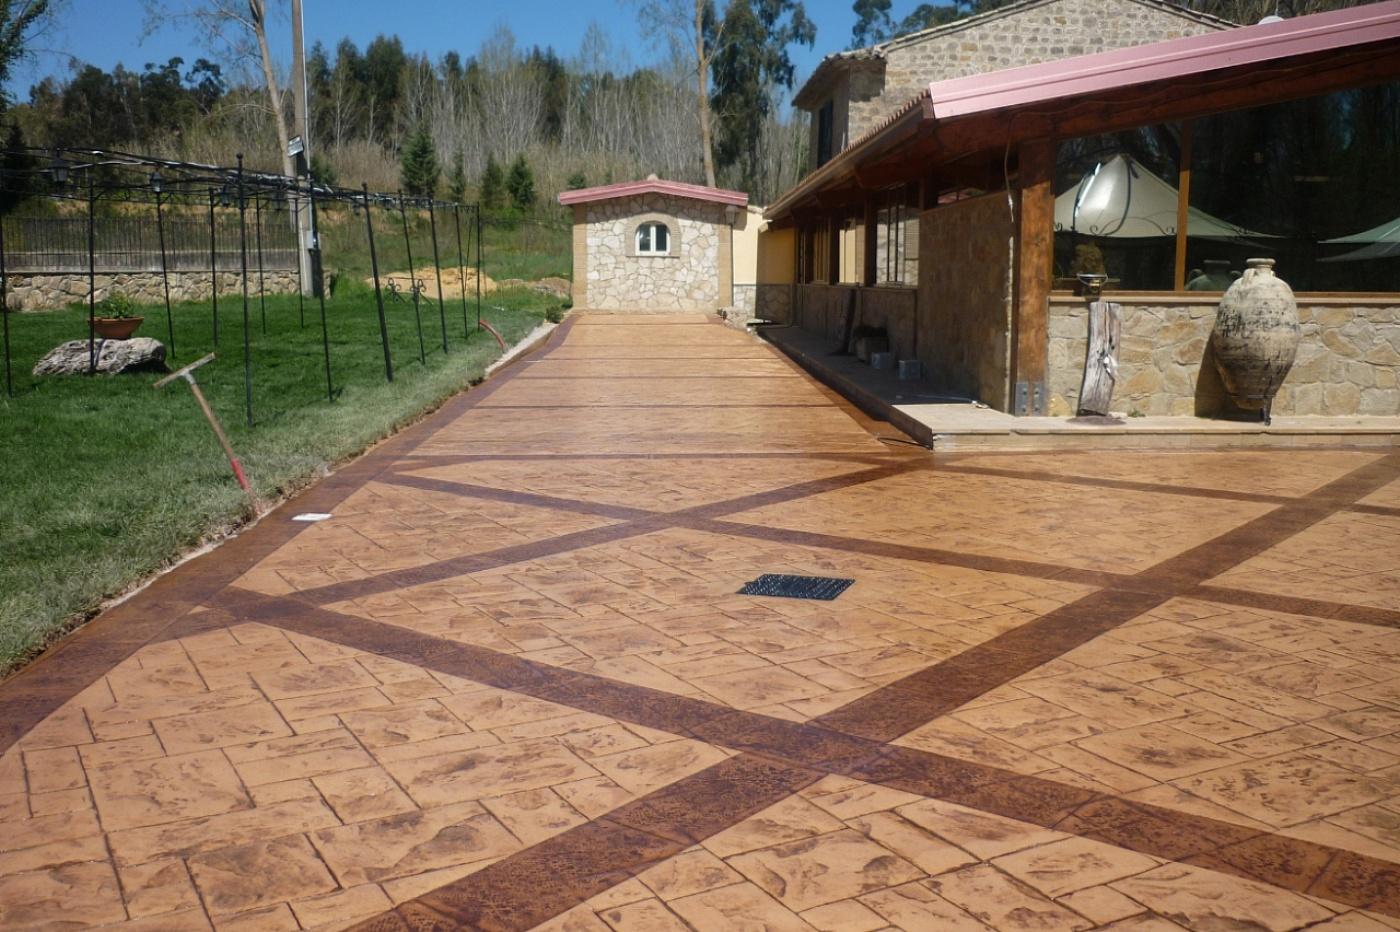 Calcestruzzo colorato per pavimenti